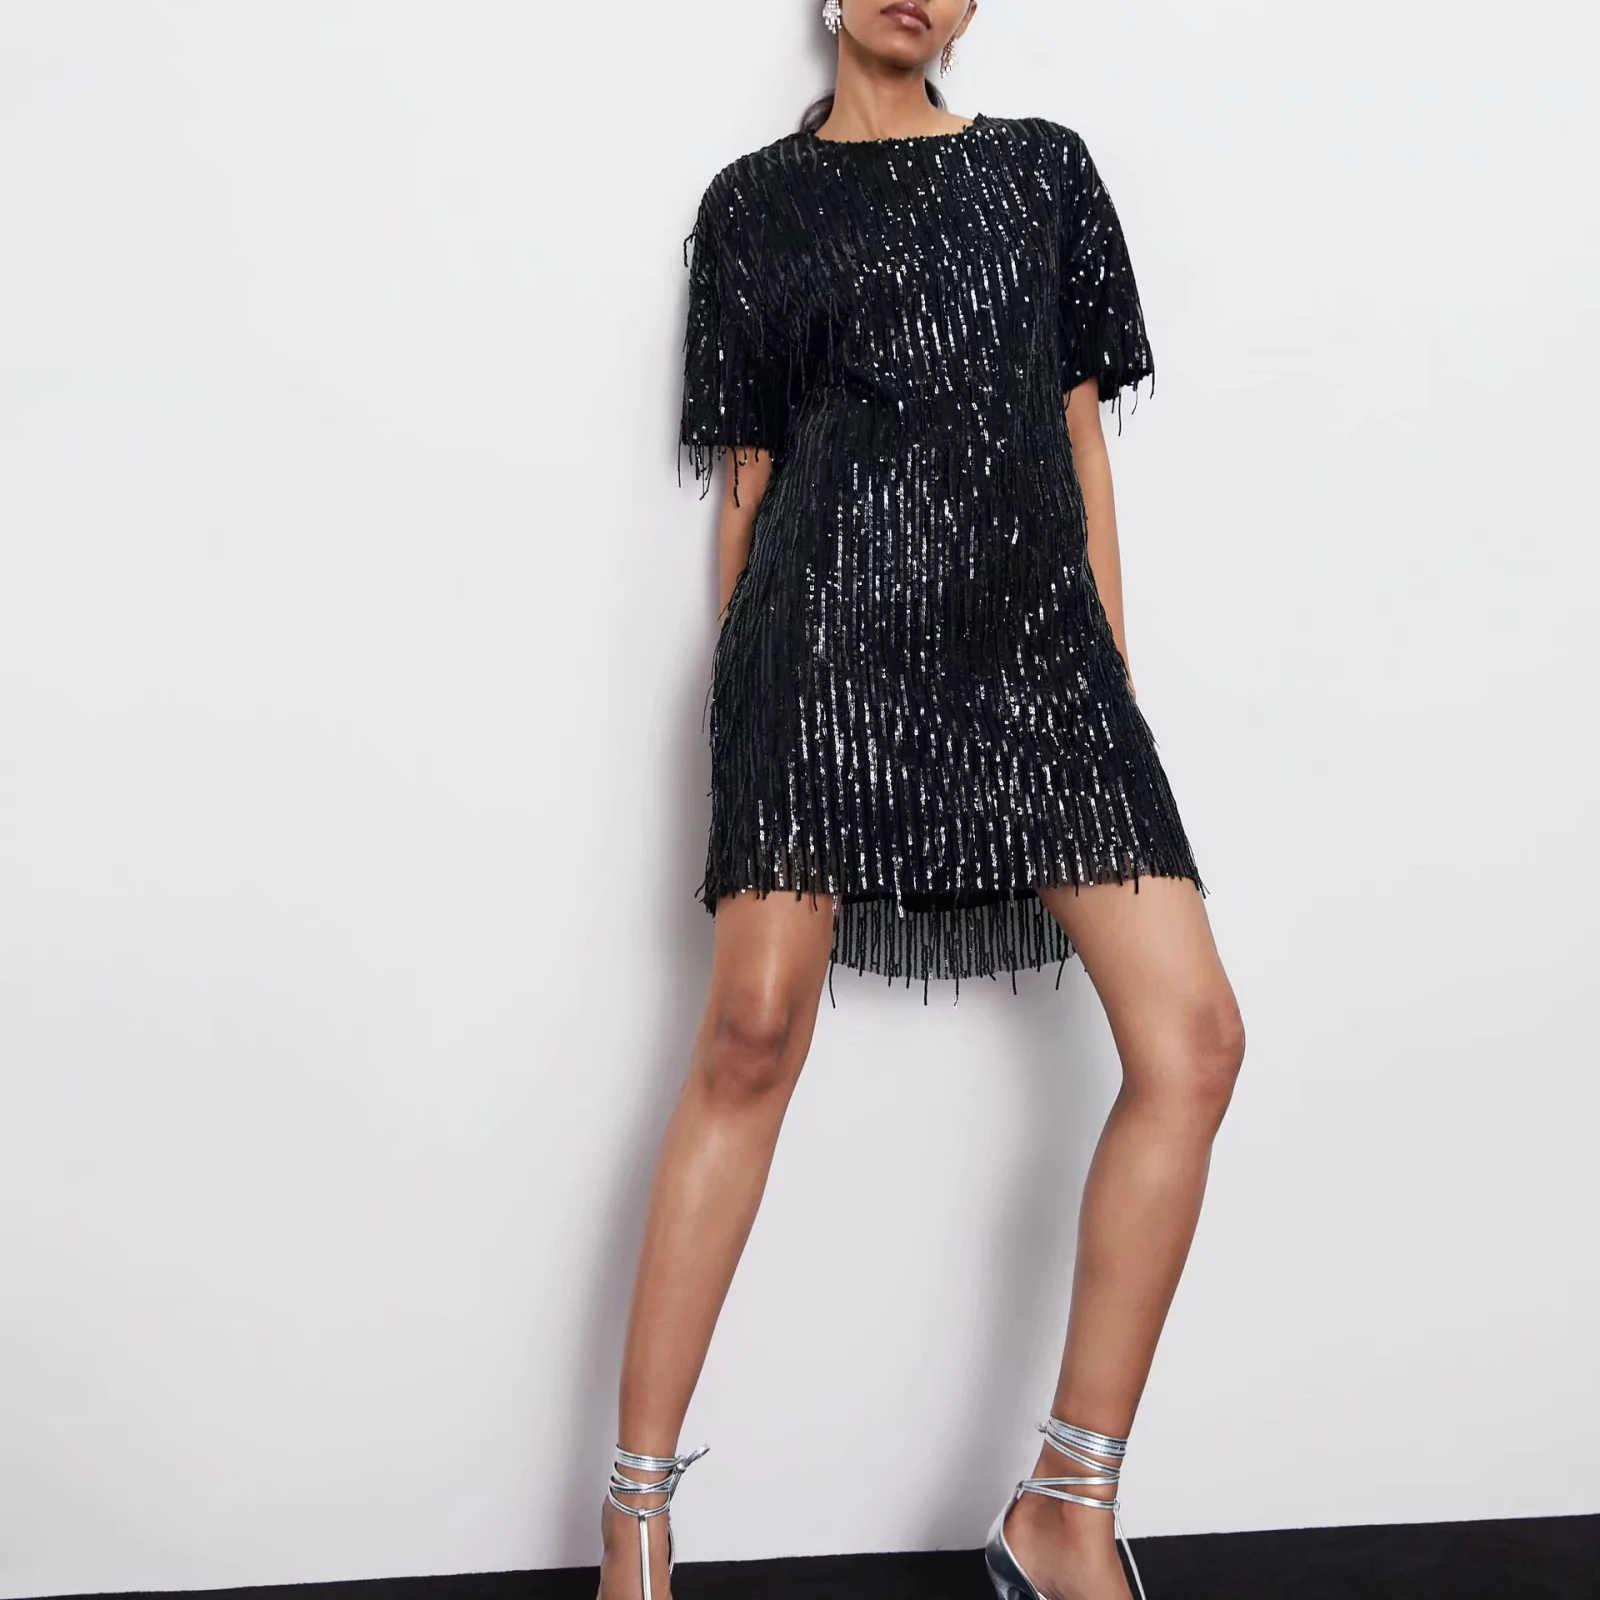 ZA kobiety ubierają 2019 błyszczącą frędzlami jasną elegancką damską zieloną czarną streetwear seksowną mini klubową sukienkę